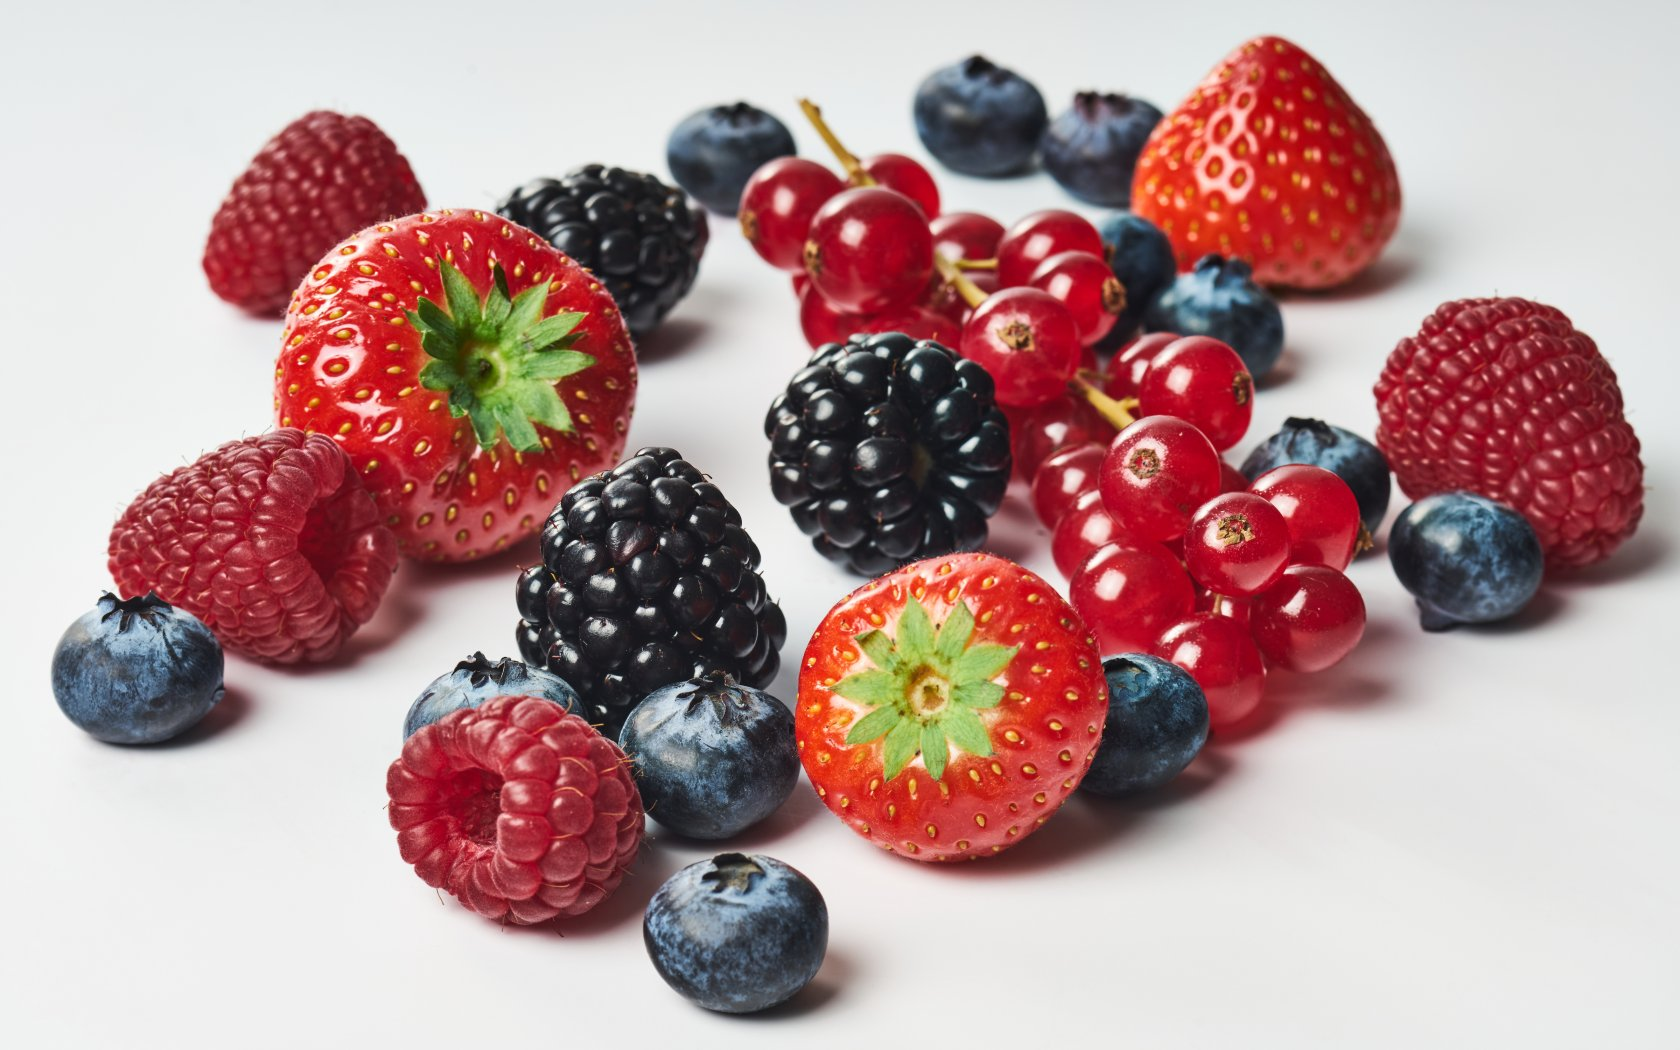 The Greenery kiest voor de zachtfruit telers ook voor software van Agromanager